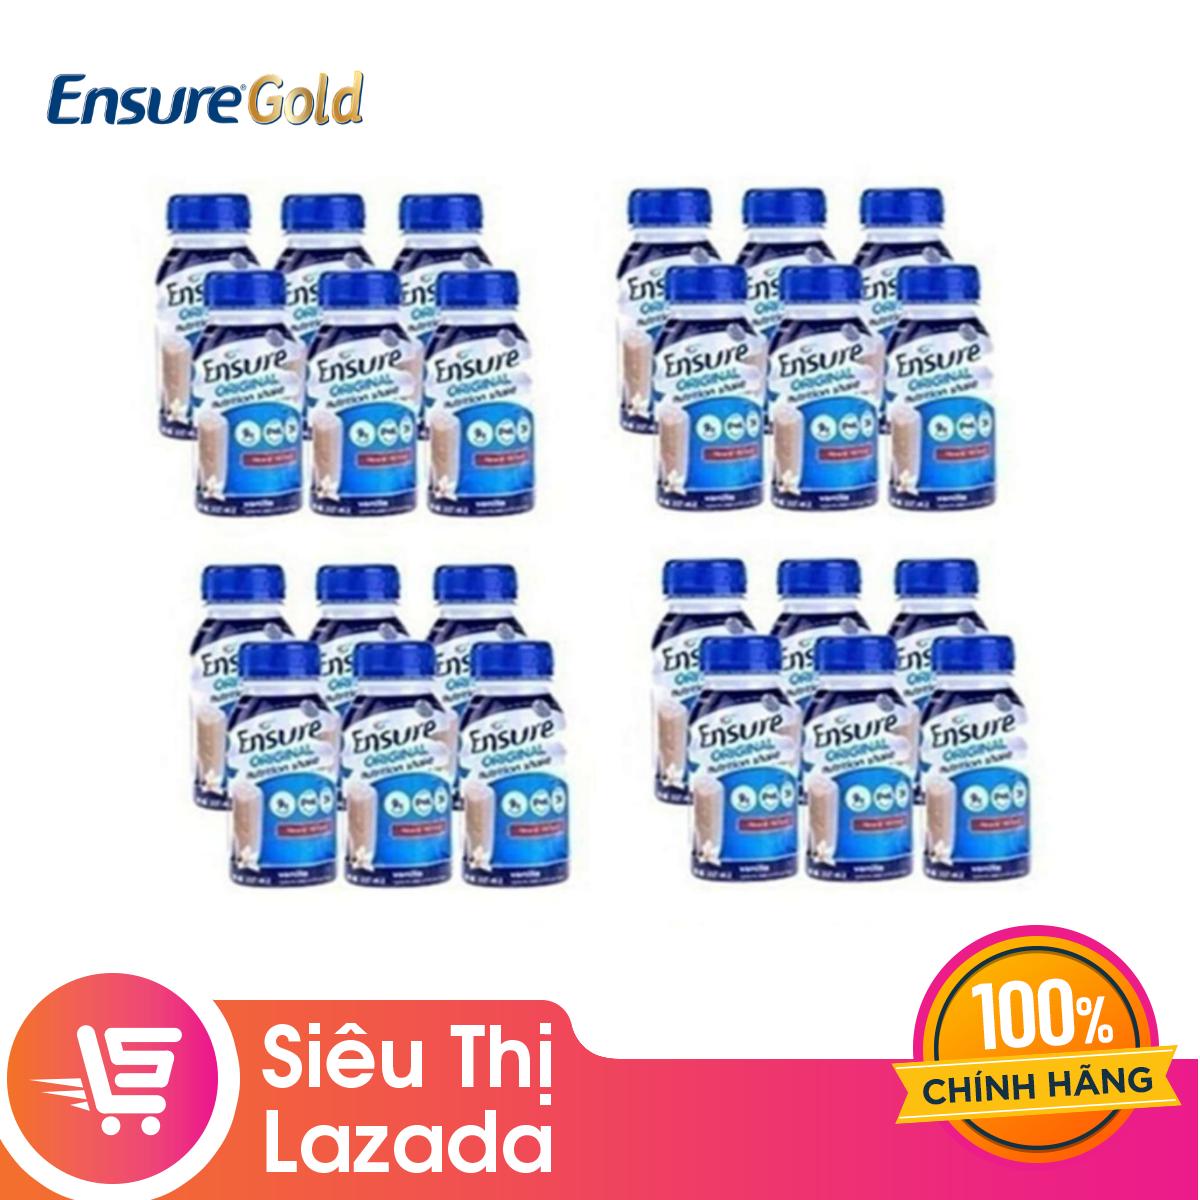 Thùng 24 chai sữa nước Ensure Vani 237ml thích hợp cho nhiều đối tượng cung cấp đầy đủ dinh dưỡng giúp hệ tiêu hóa khỏe mạnh – Giới hạn 5 sản phẩm/khách hàng